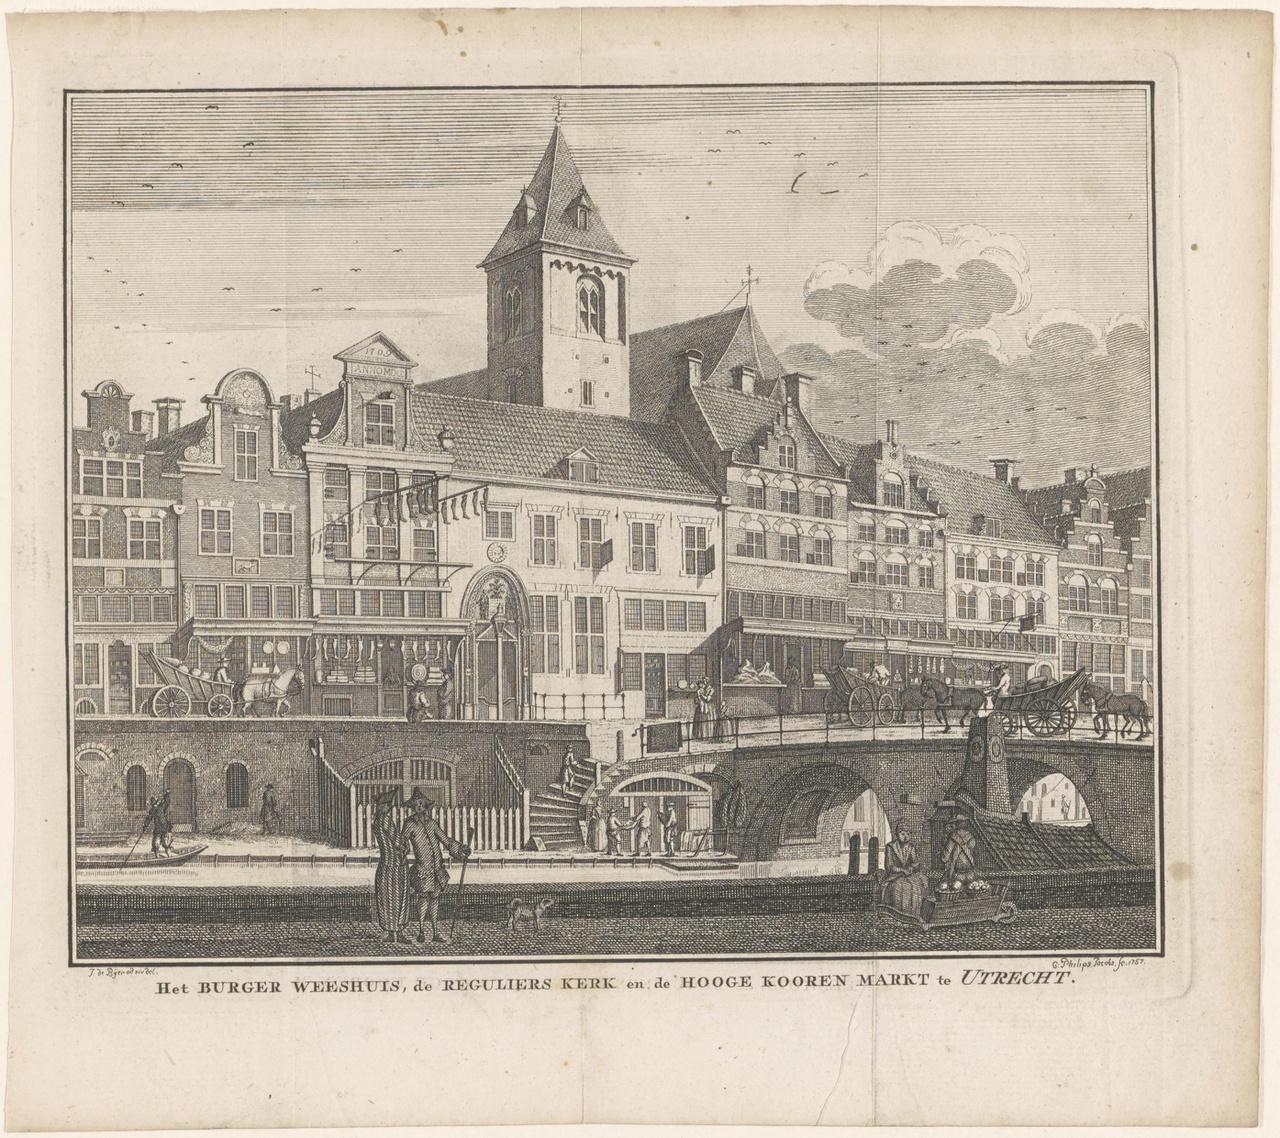 Het Burgerweeshuis, de Regulierskerk en de Hooge Korenmarkt te Utrecht